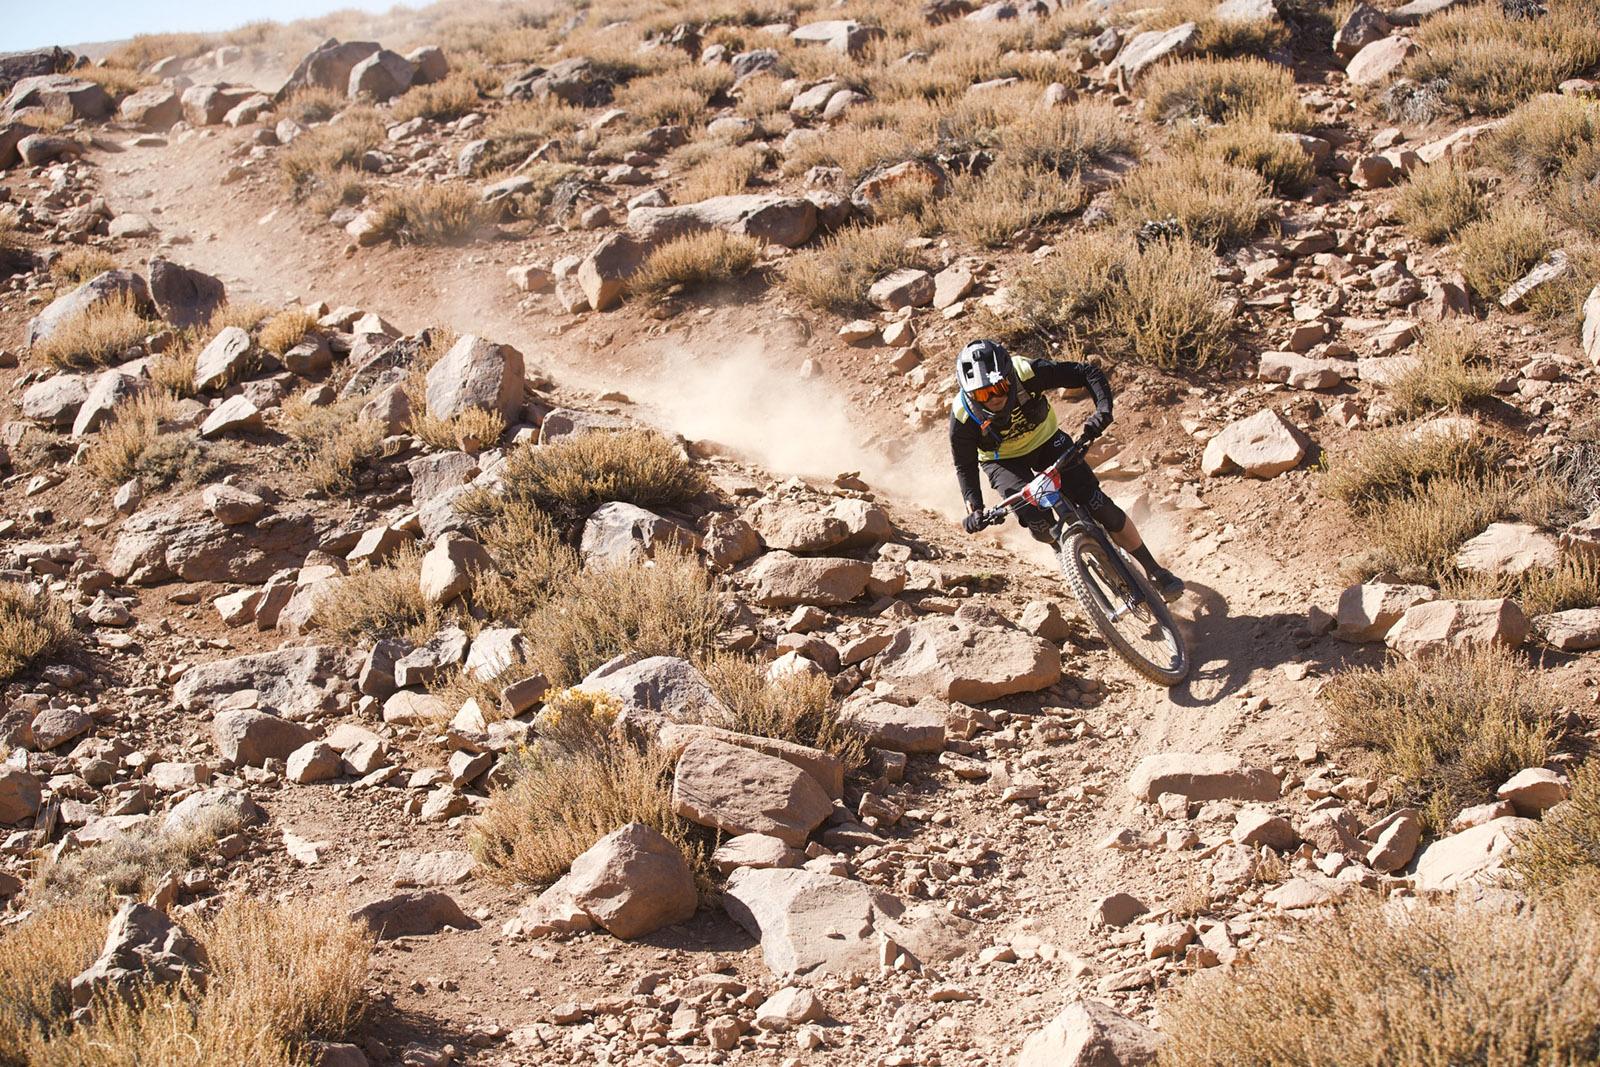 Santa Cruz Bicycles - Mark Scott at Warp Speed at Andes Pacifico